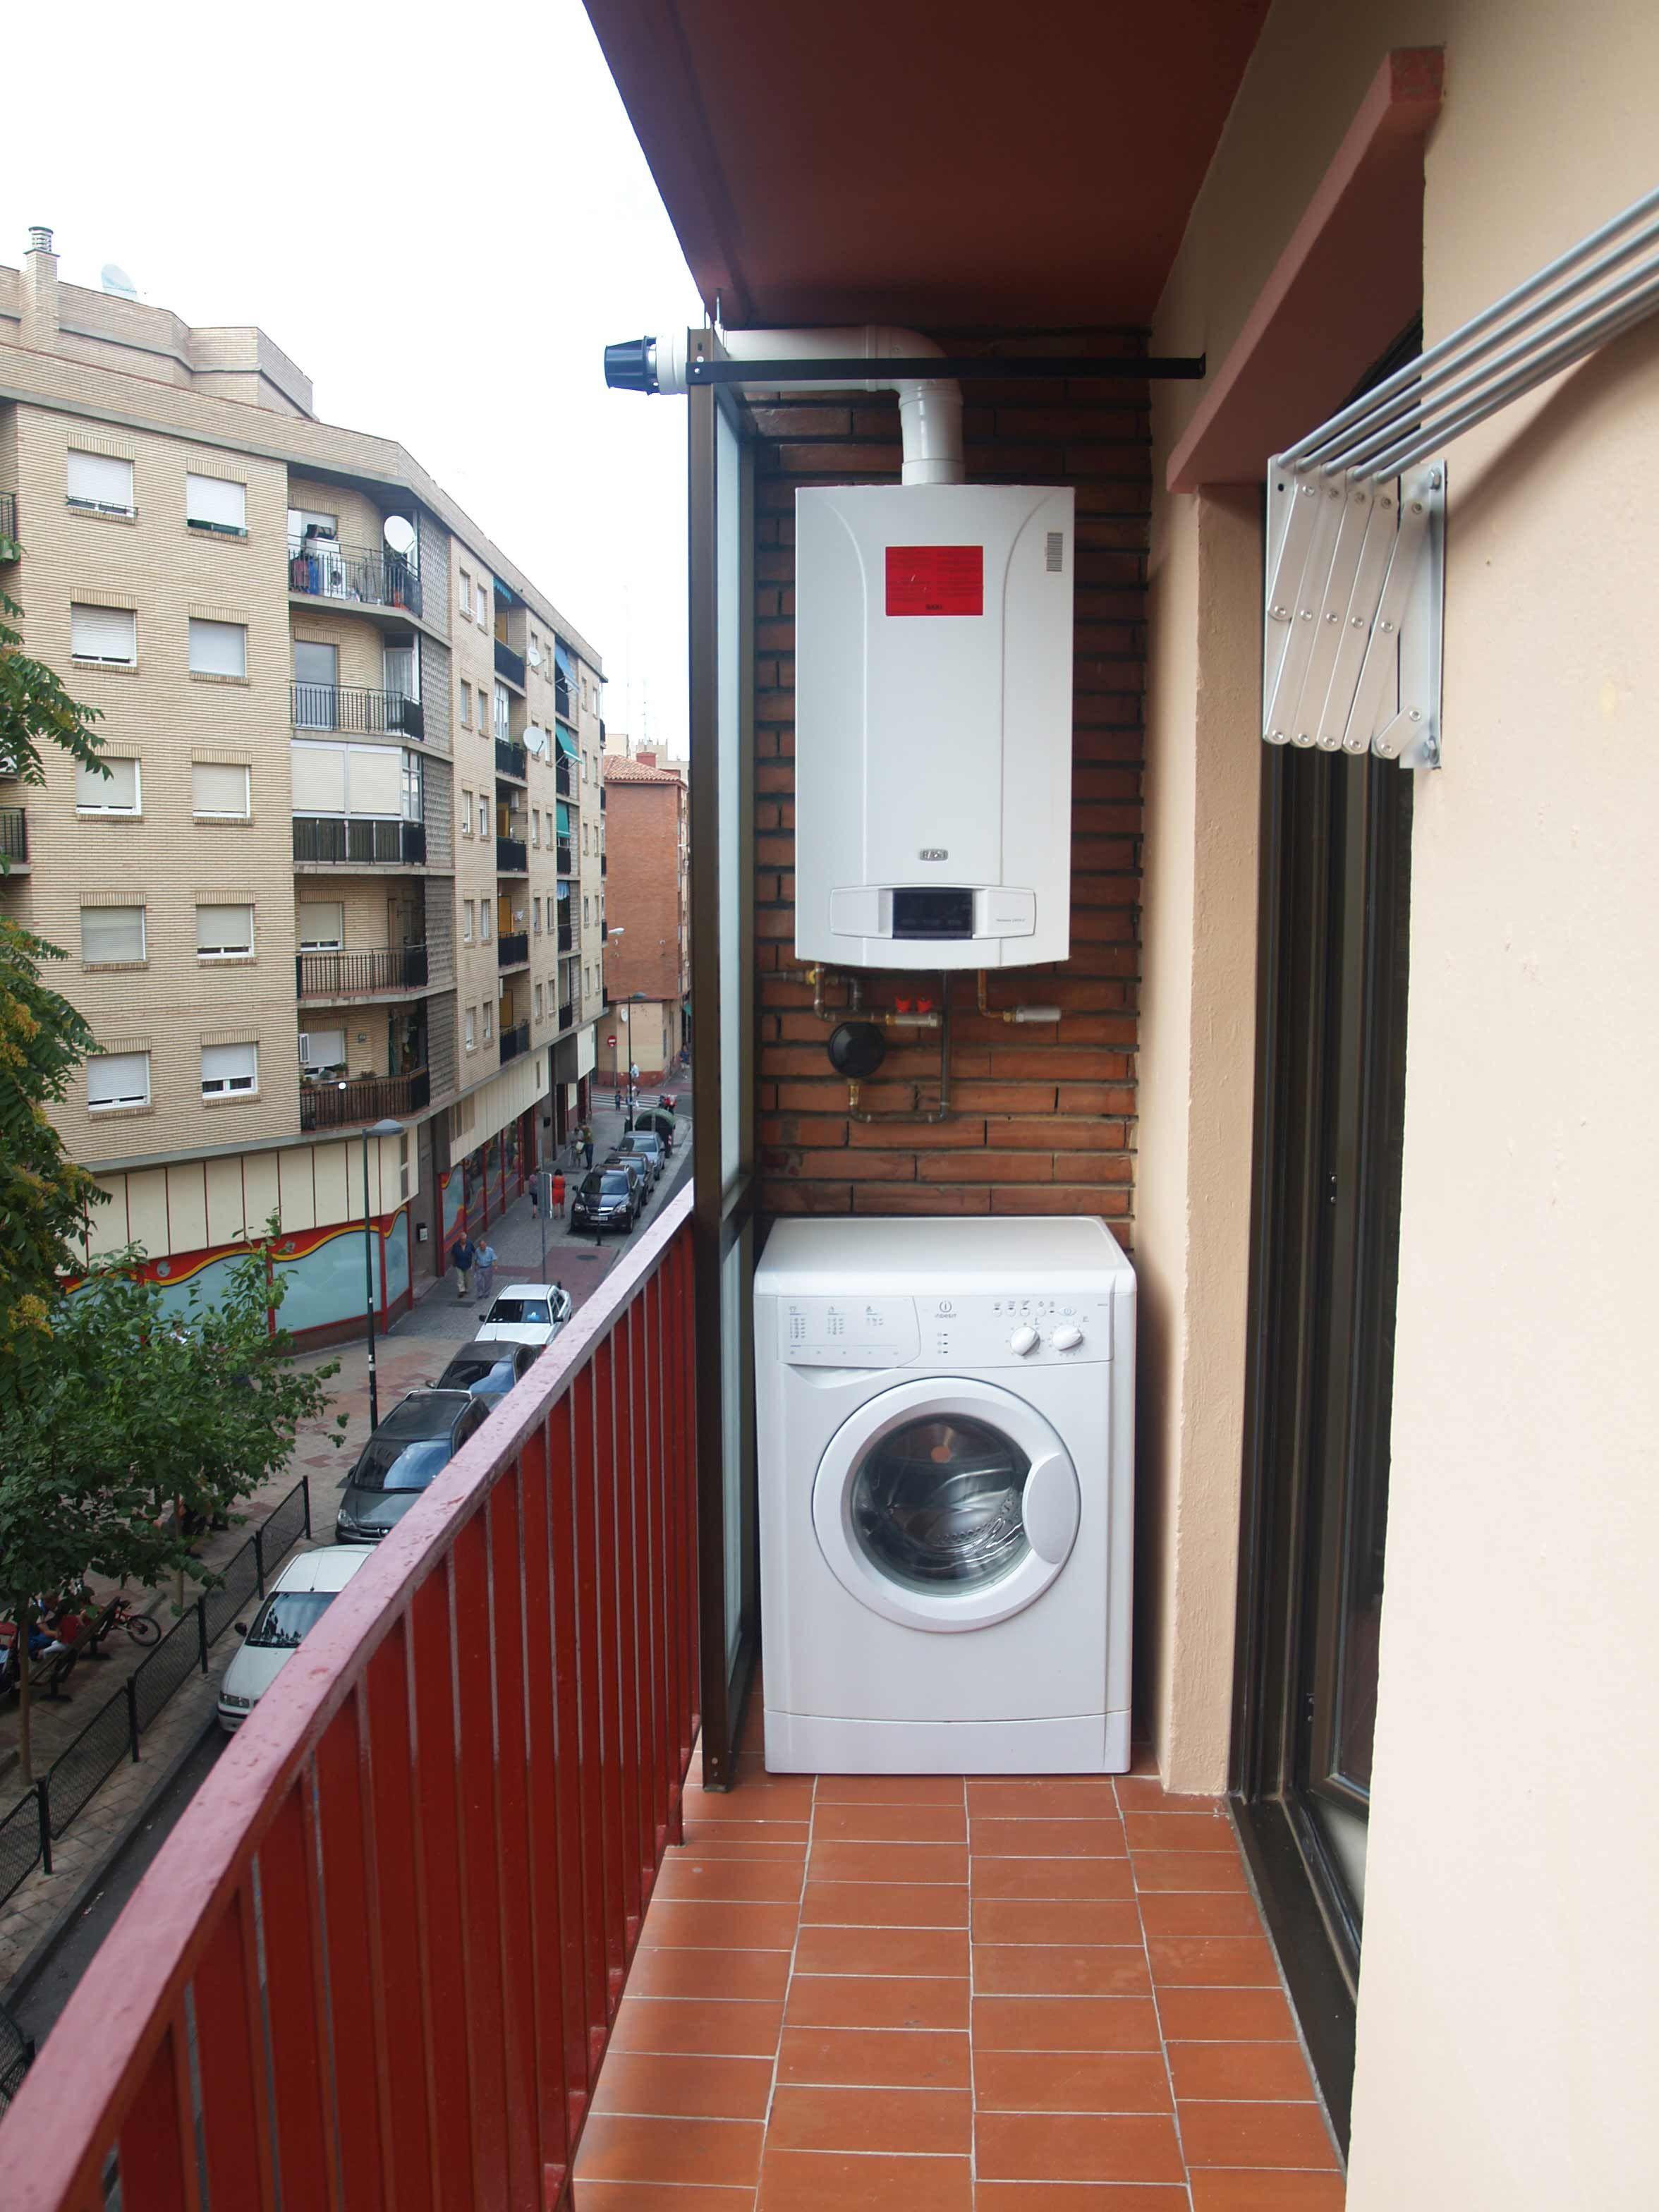 La terraza donde se encuentra la caldera y la lavadora for Ubicacion de cocina